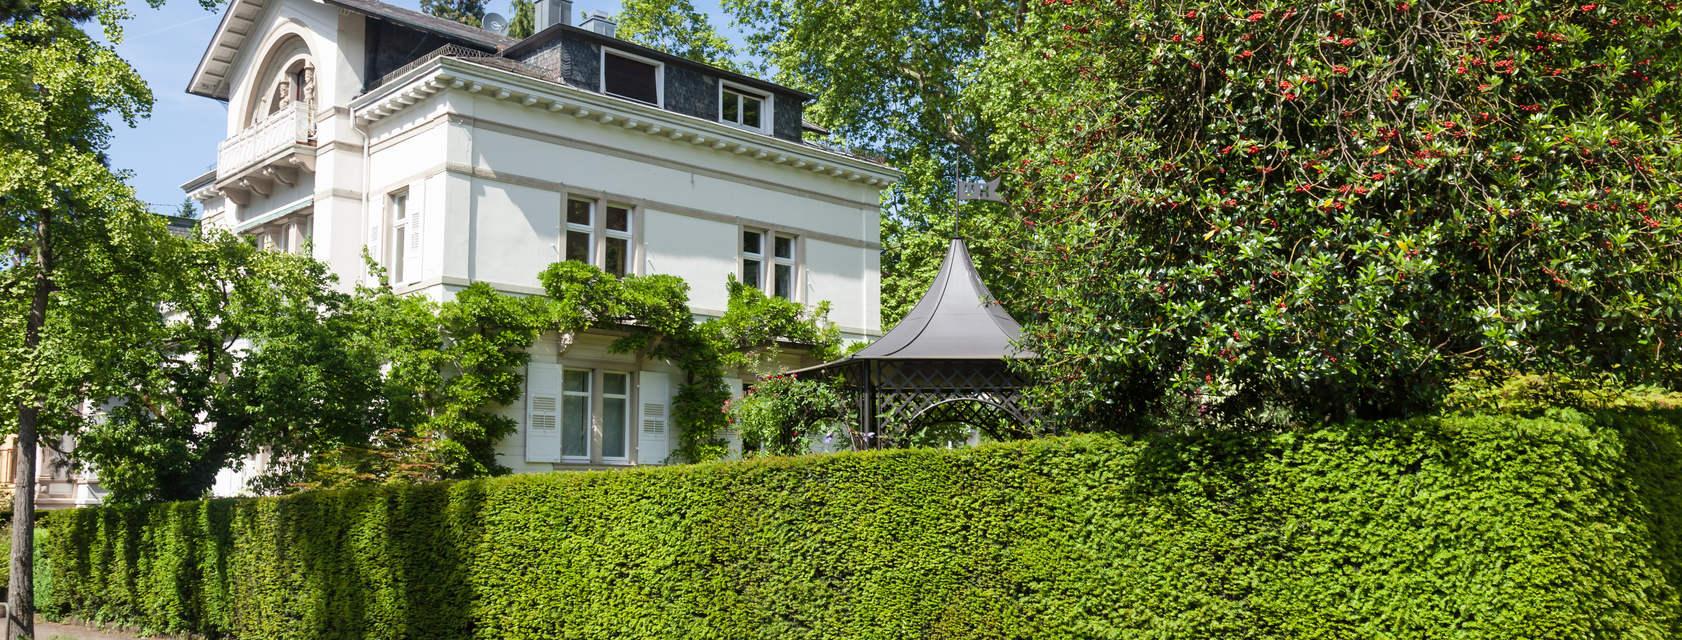 Haus- und Gartenservice Sedlar GmbH - Hausmeisterdienst München